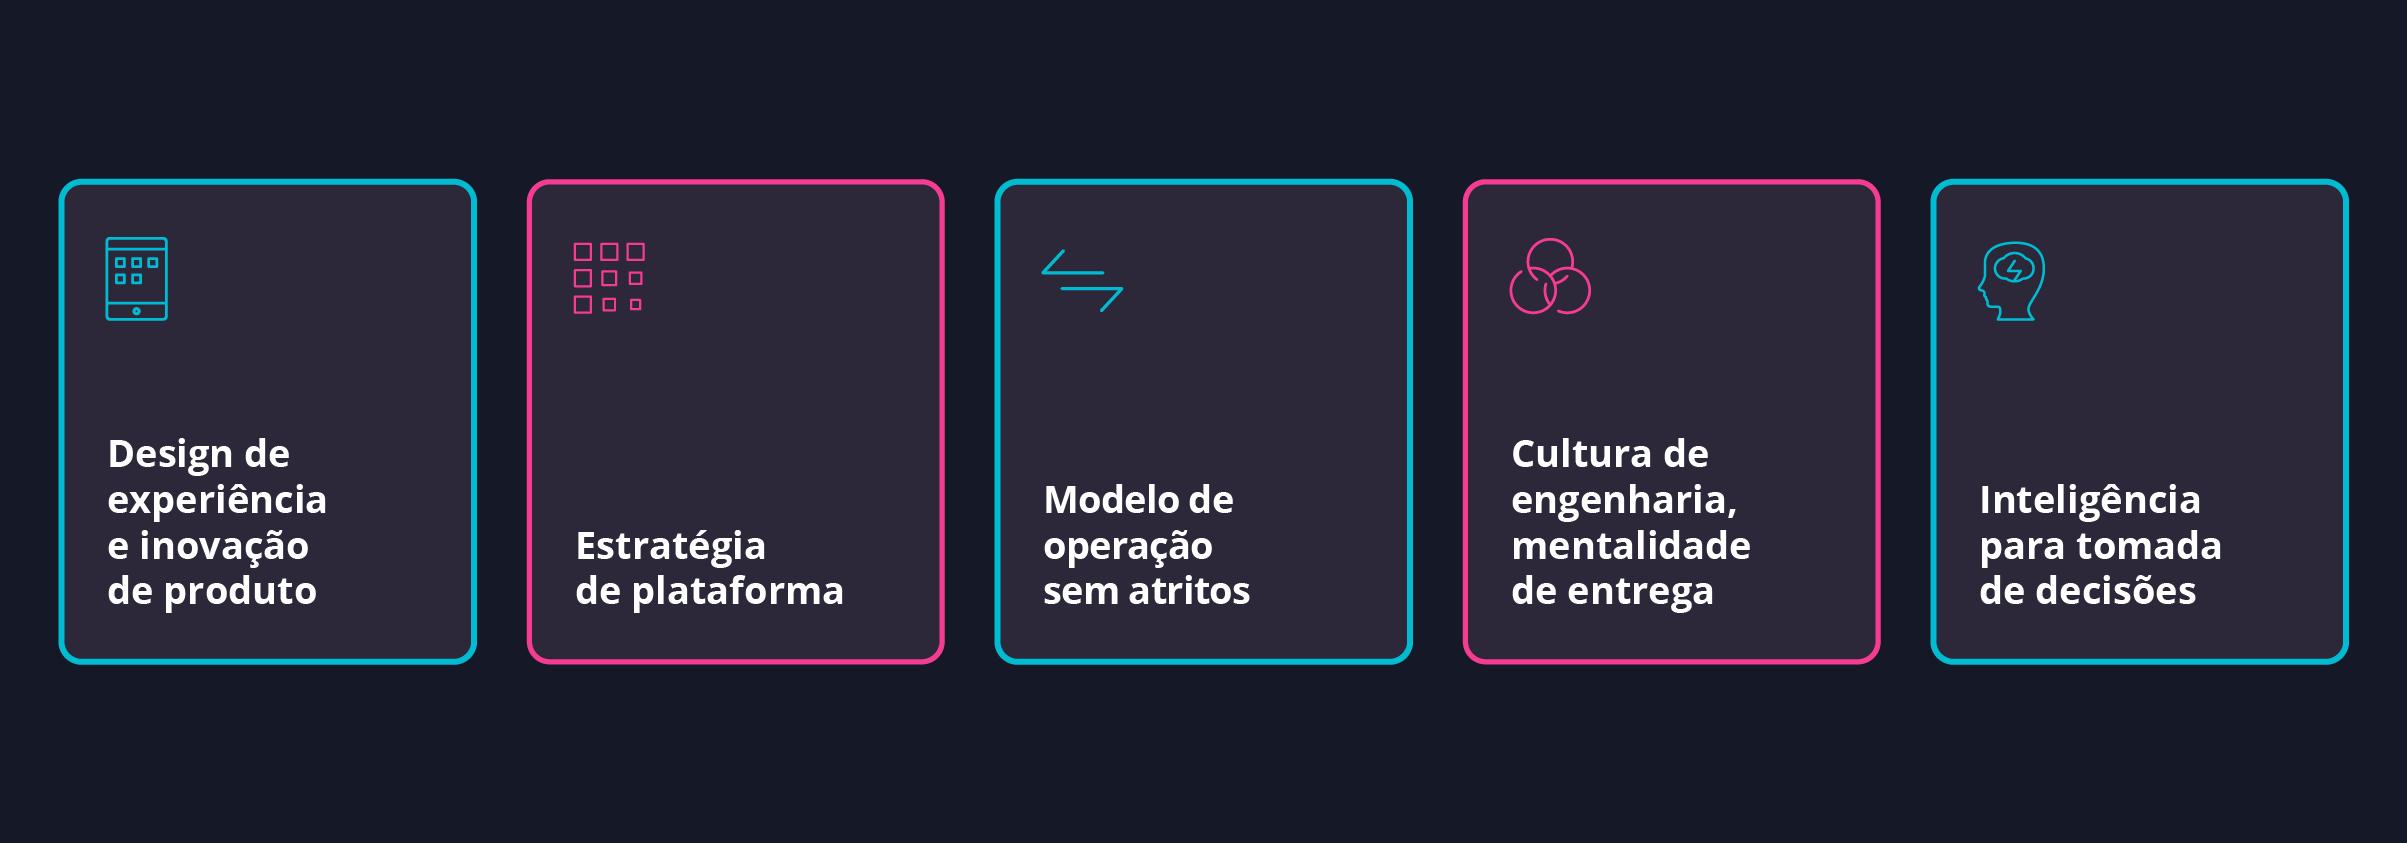 Diagrama - fundamentos de um negócio digital moderno